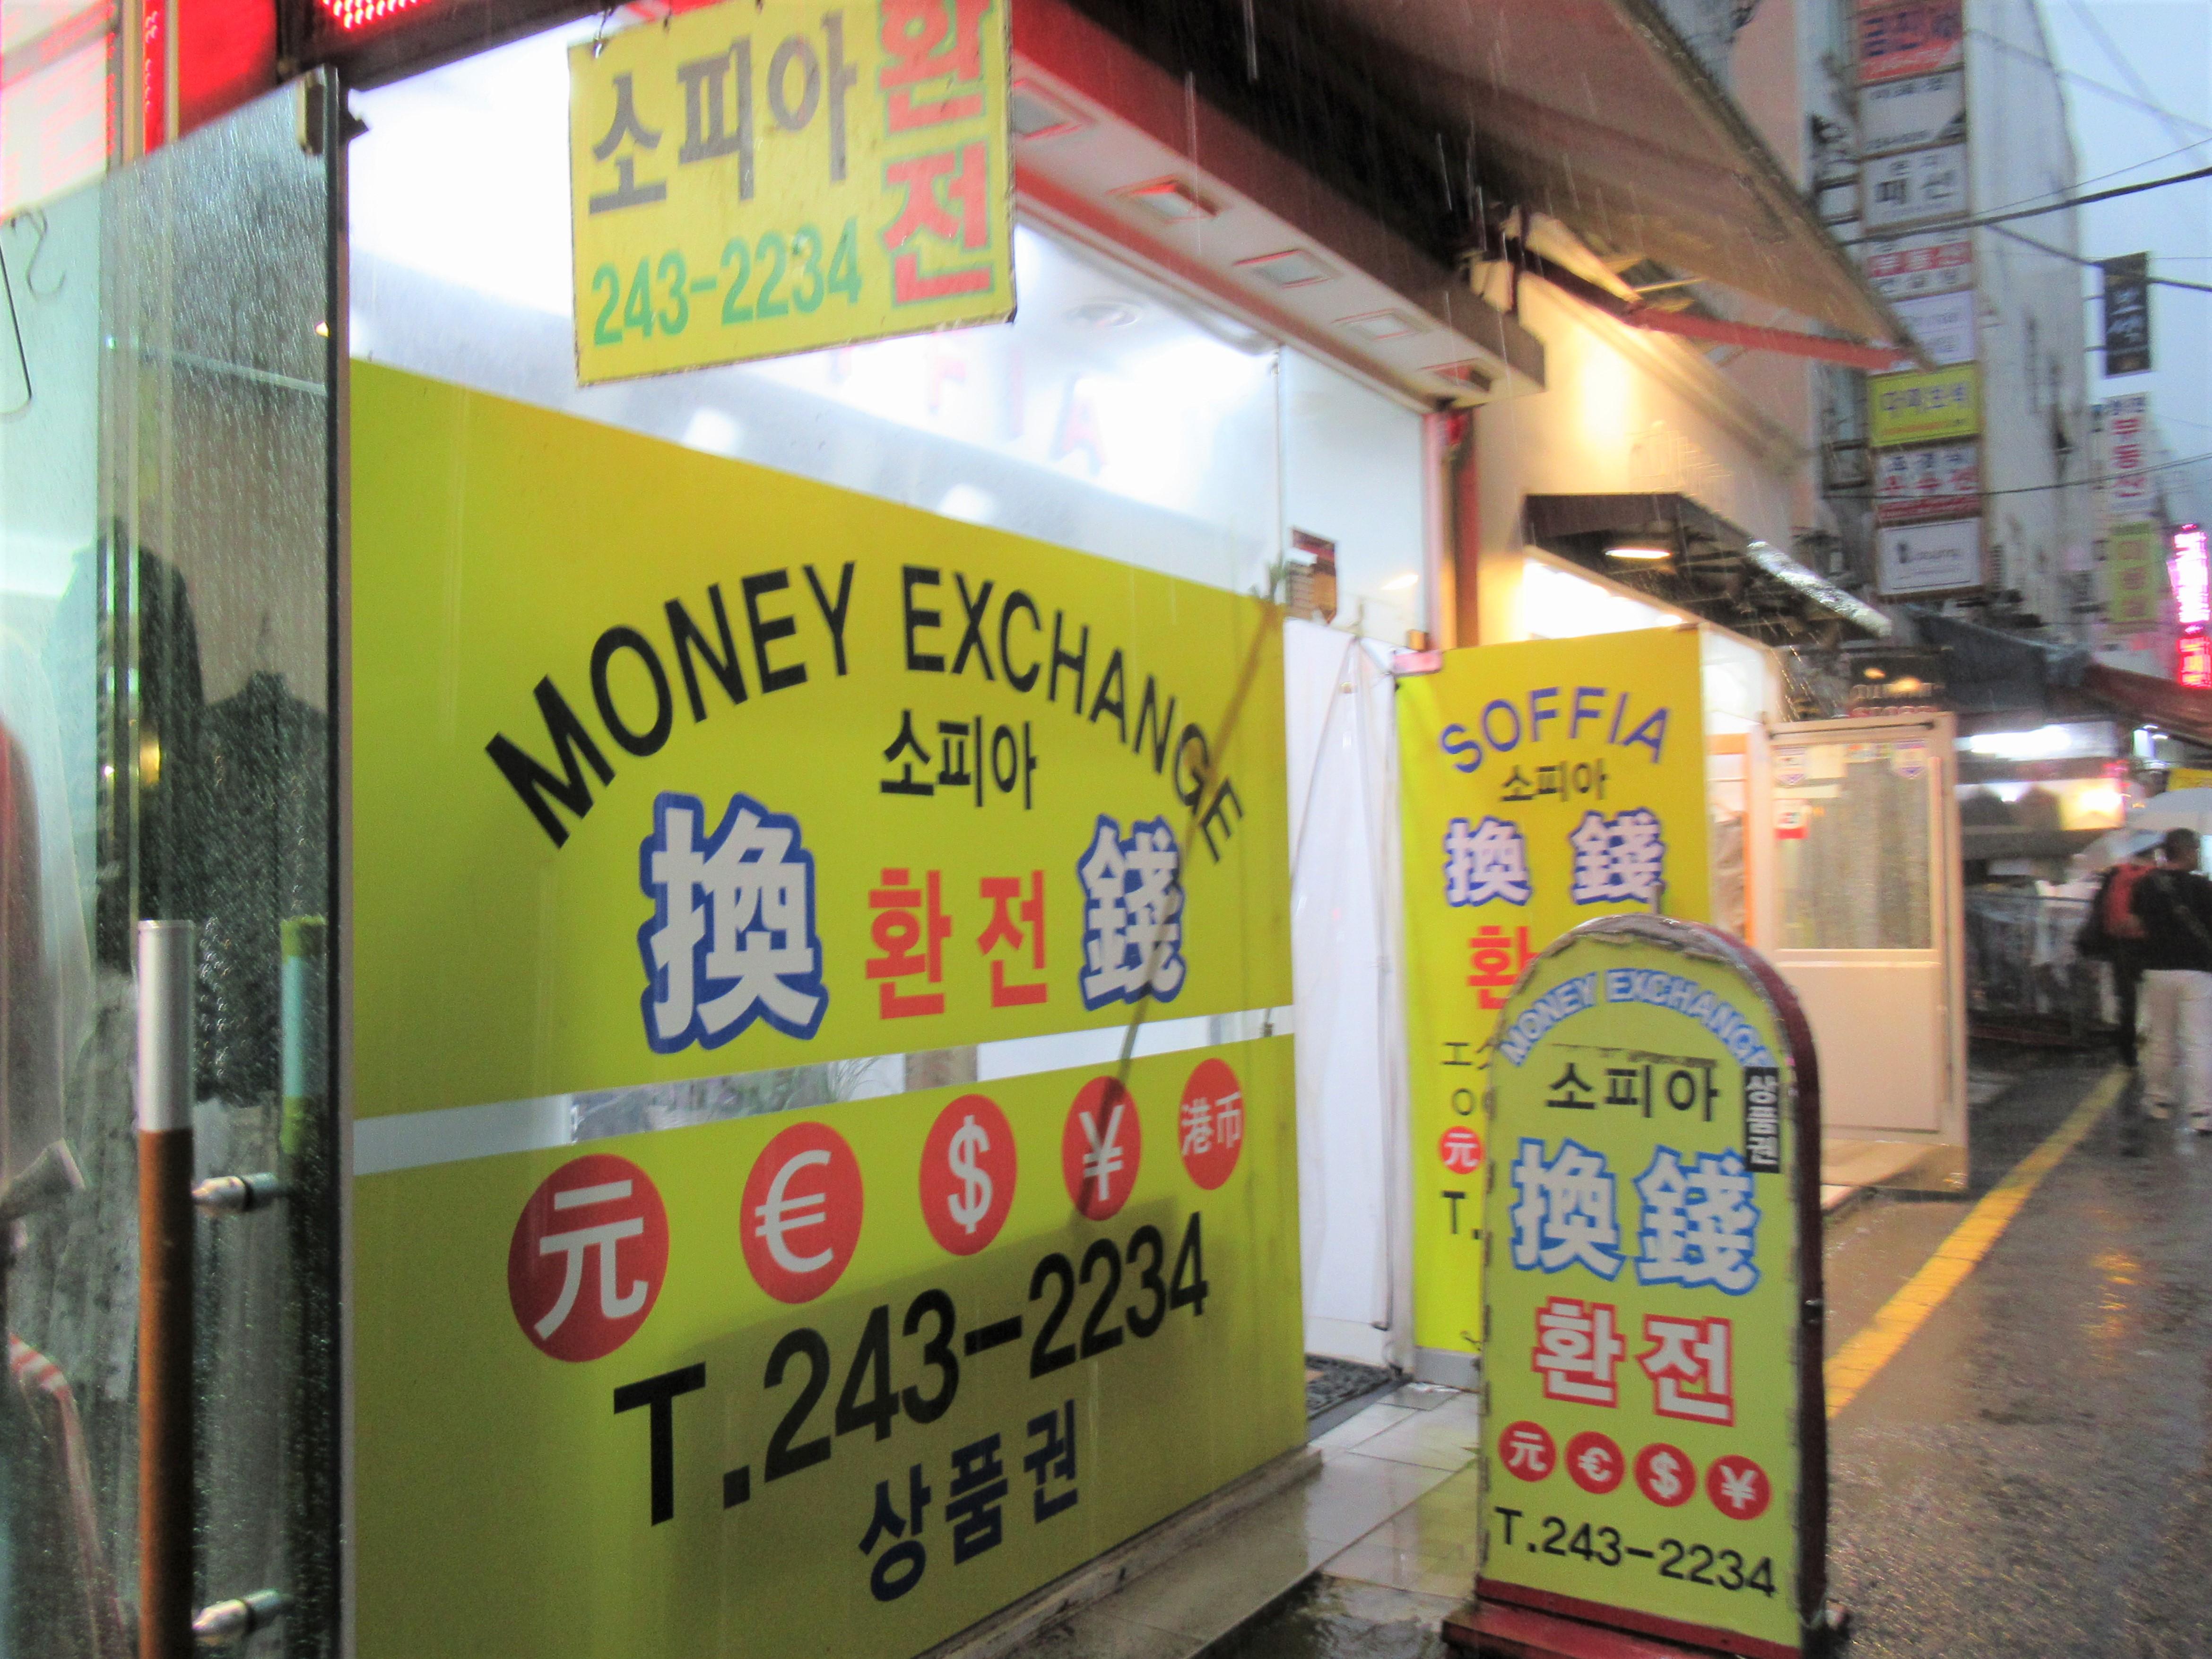 南浦洞の国際市場で両替所探し☆『ソフィア両替』の場所とレート|釜山ブログ旅